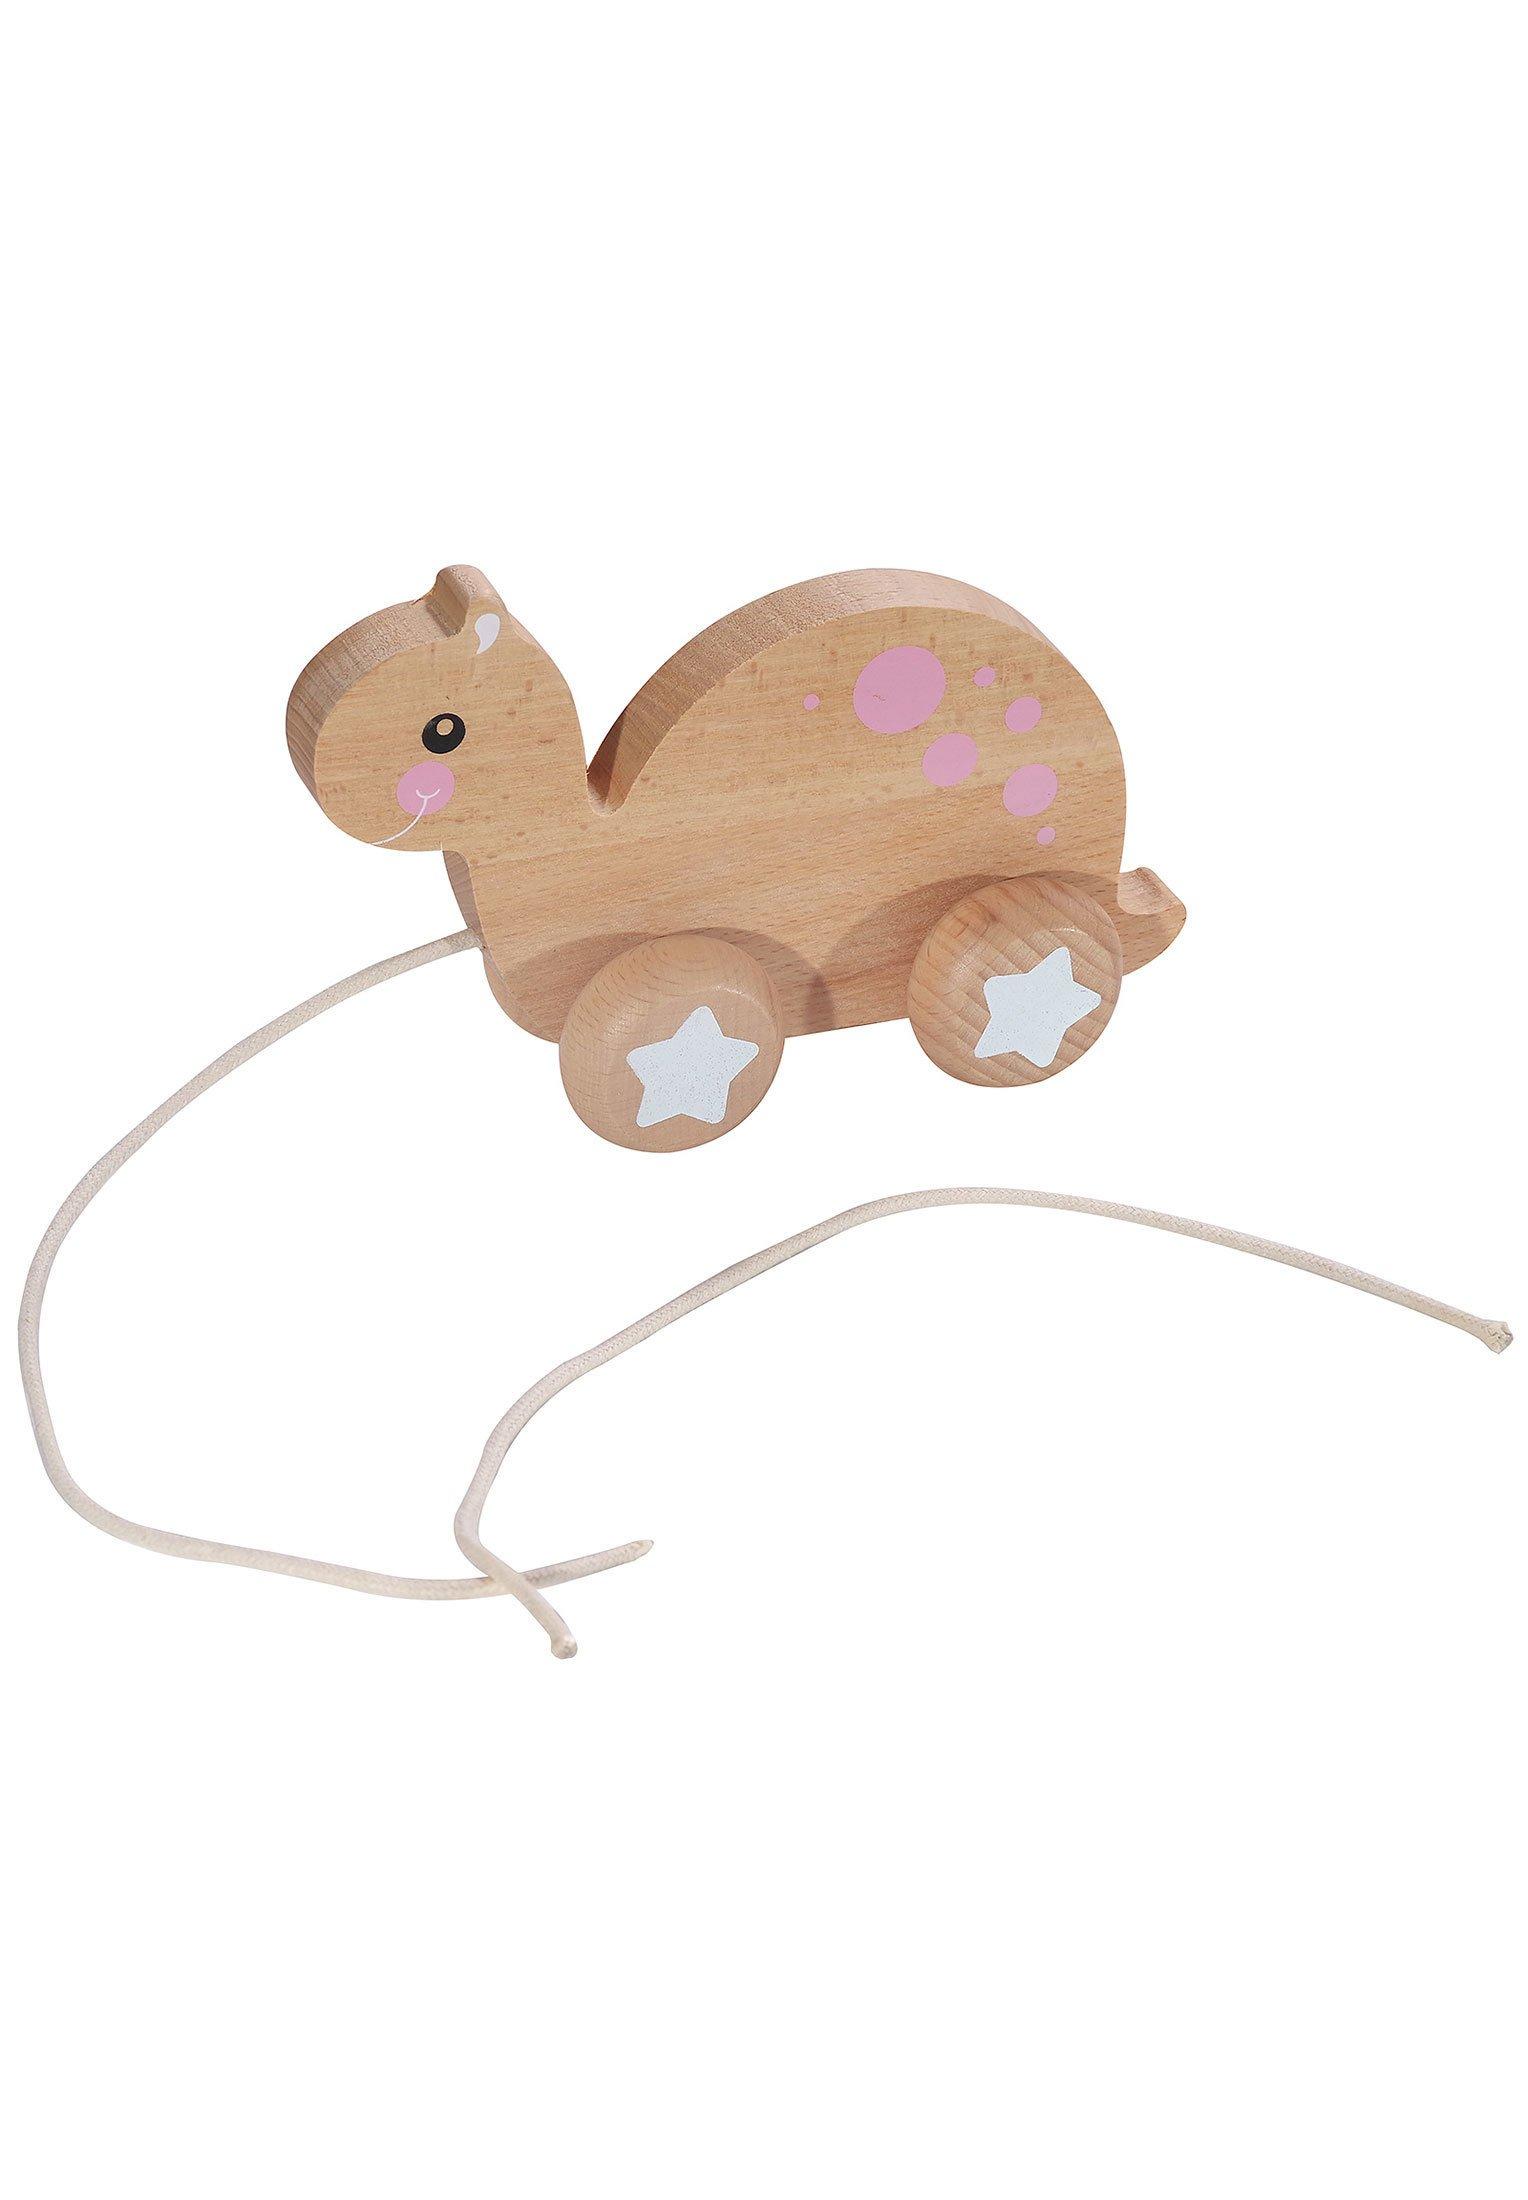 Kinder KINDSGUT HOLZ-ZIEHTIER - Spielzeug